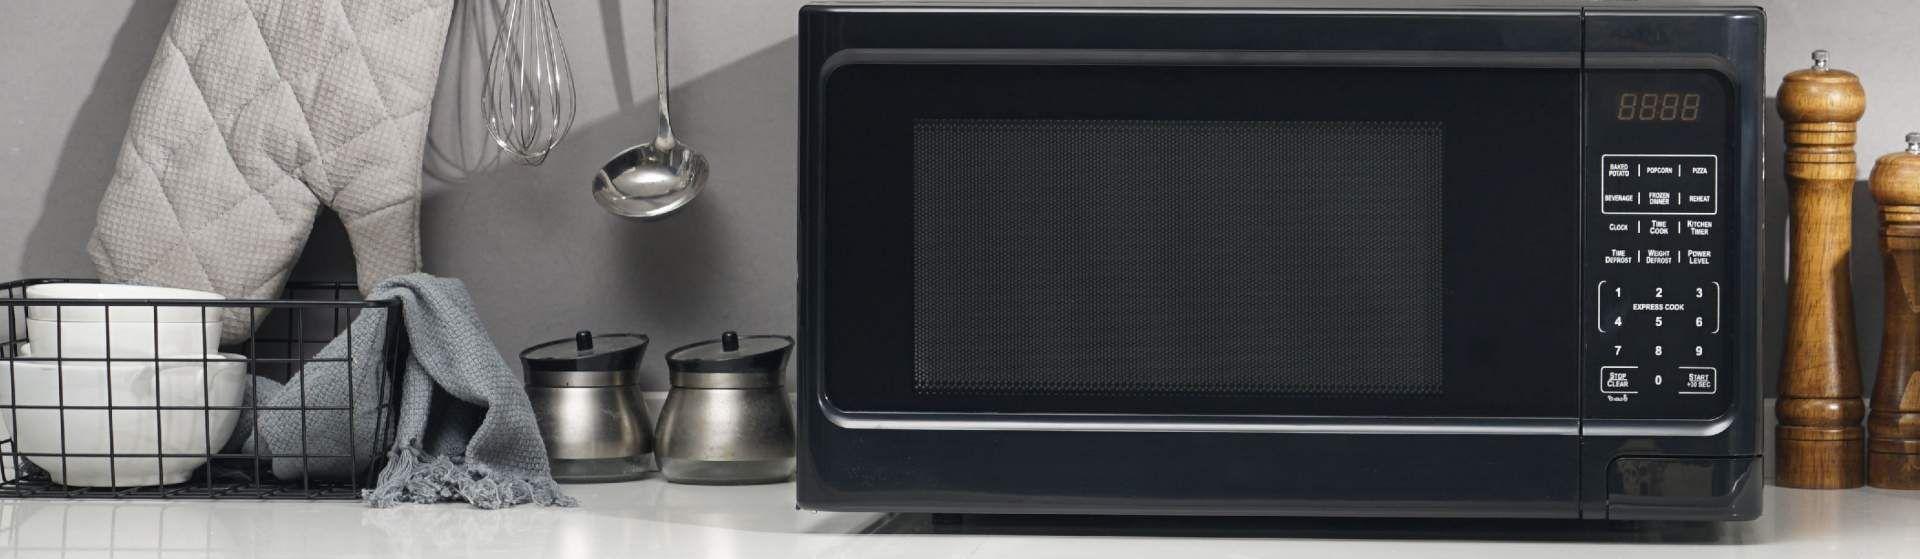 Micro-ondas preto: 4 opções para a sua cozinha